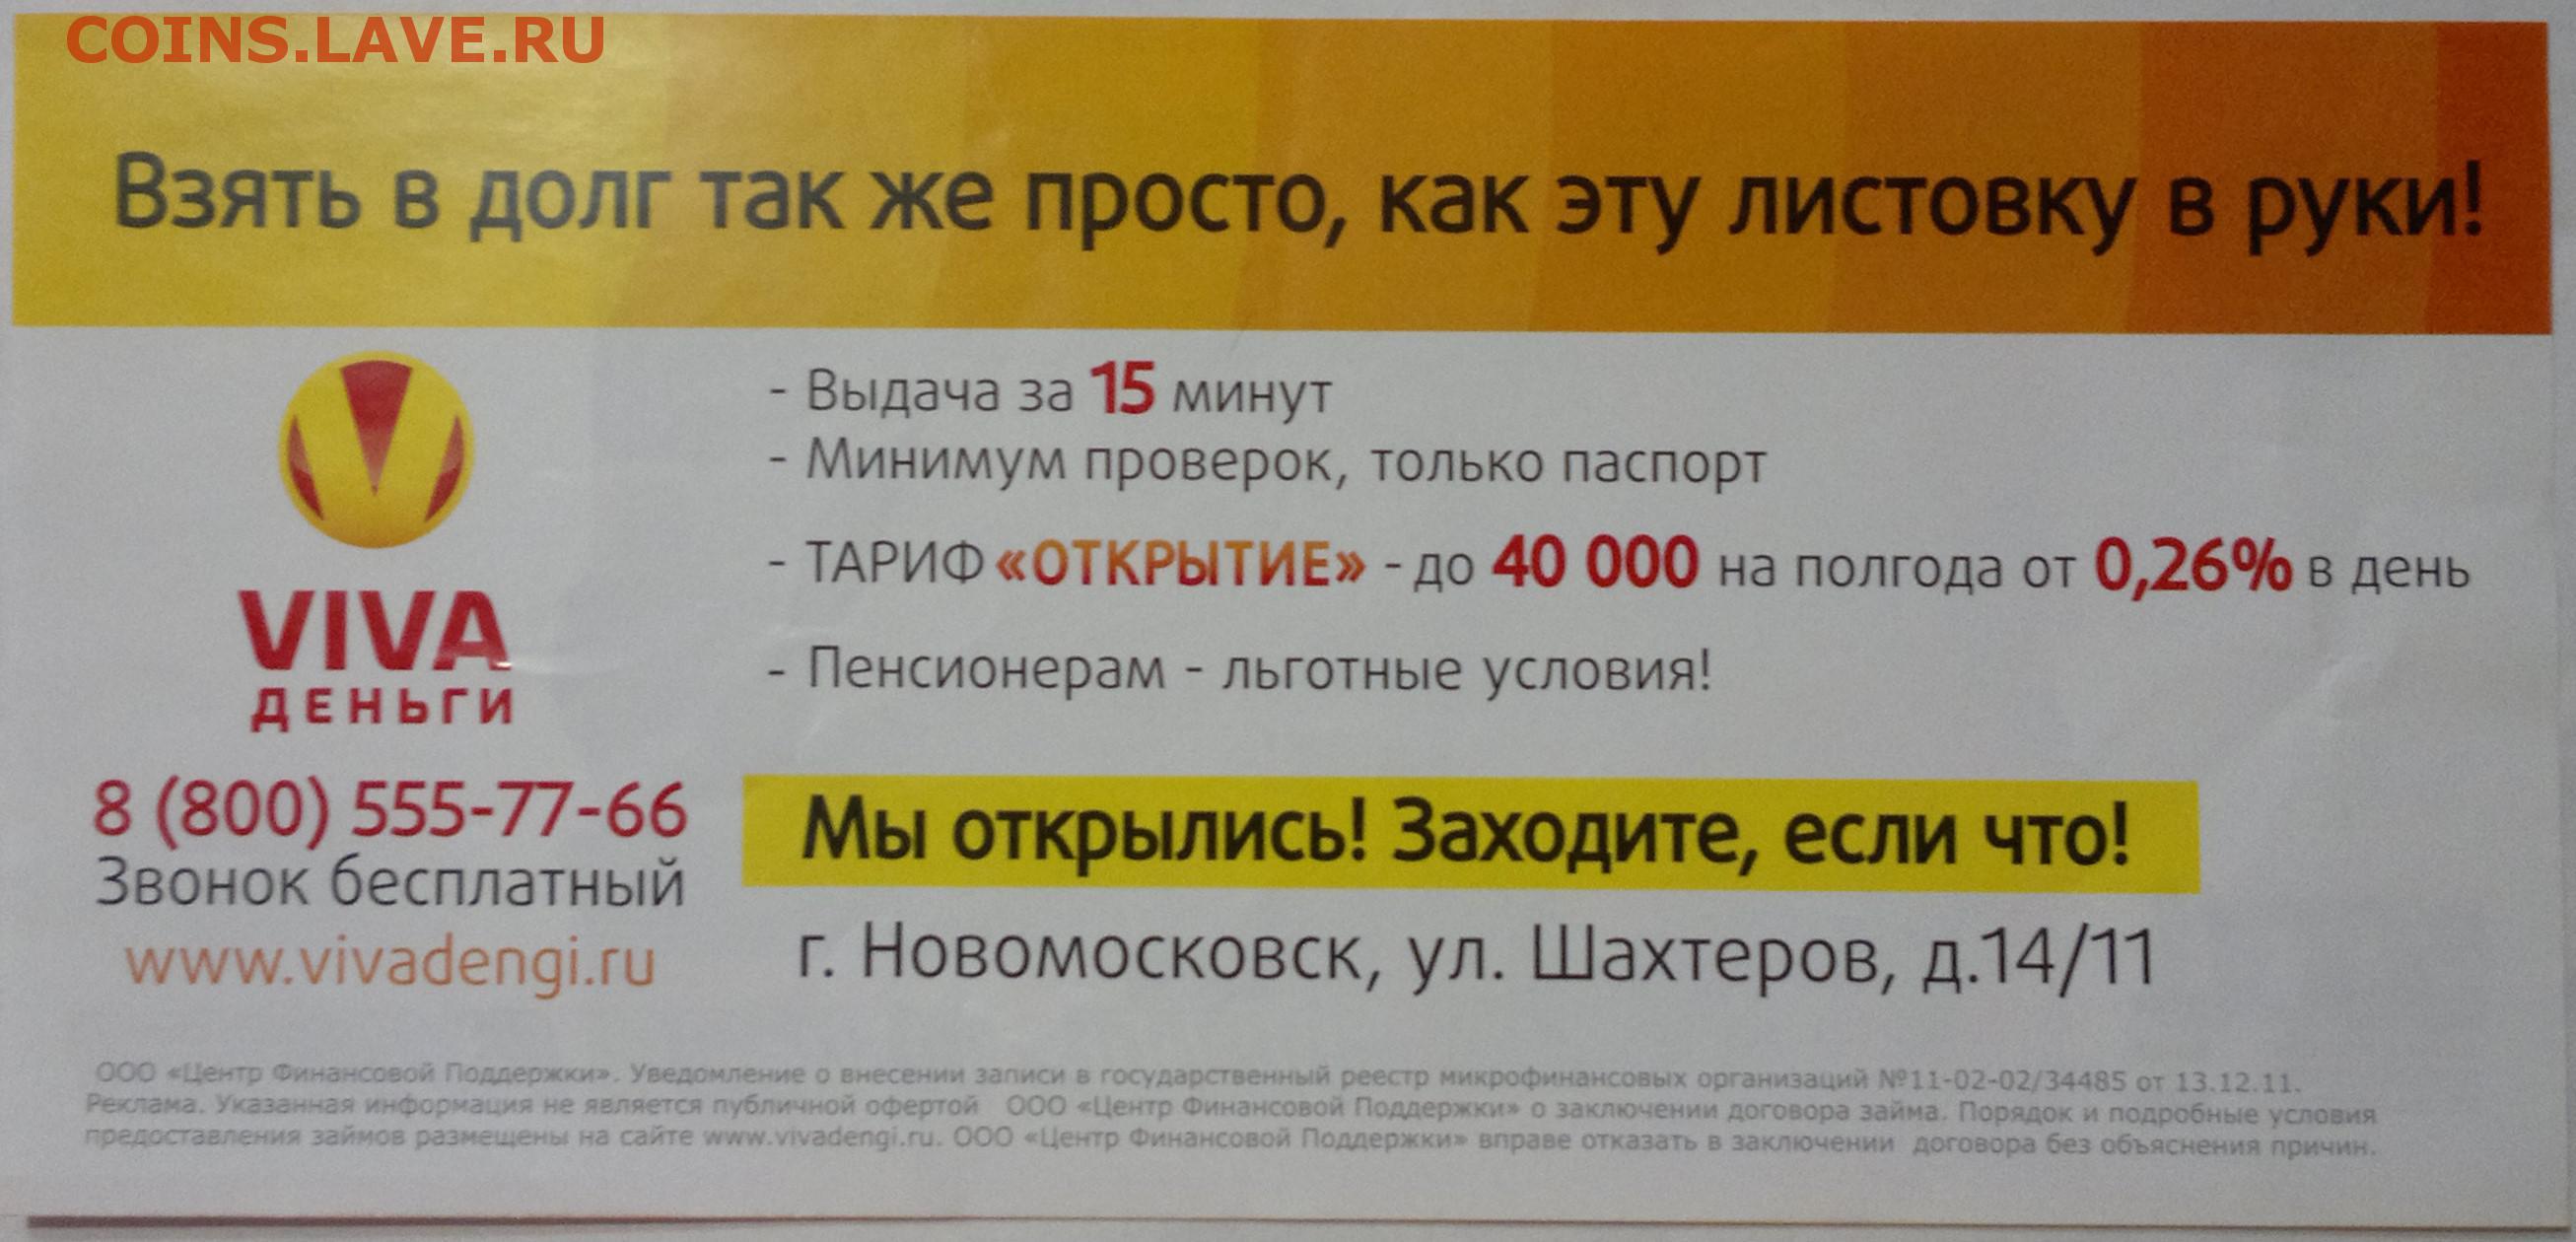 займ vivadengi ru официальный